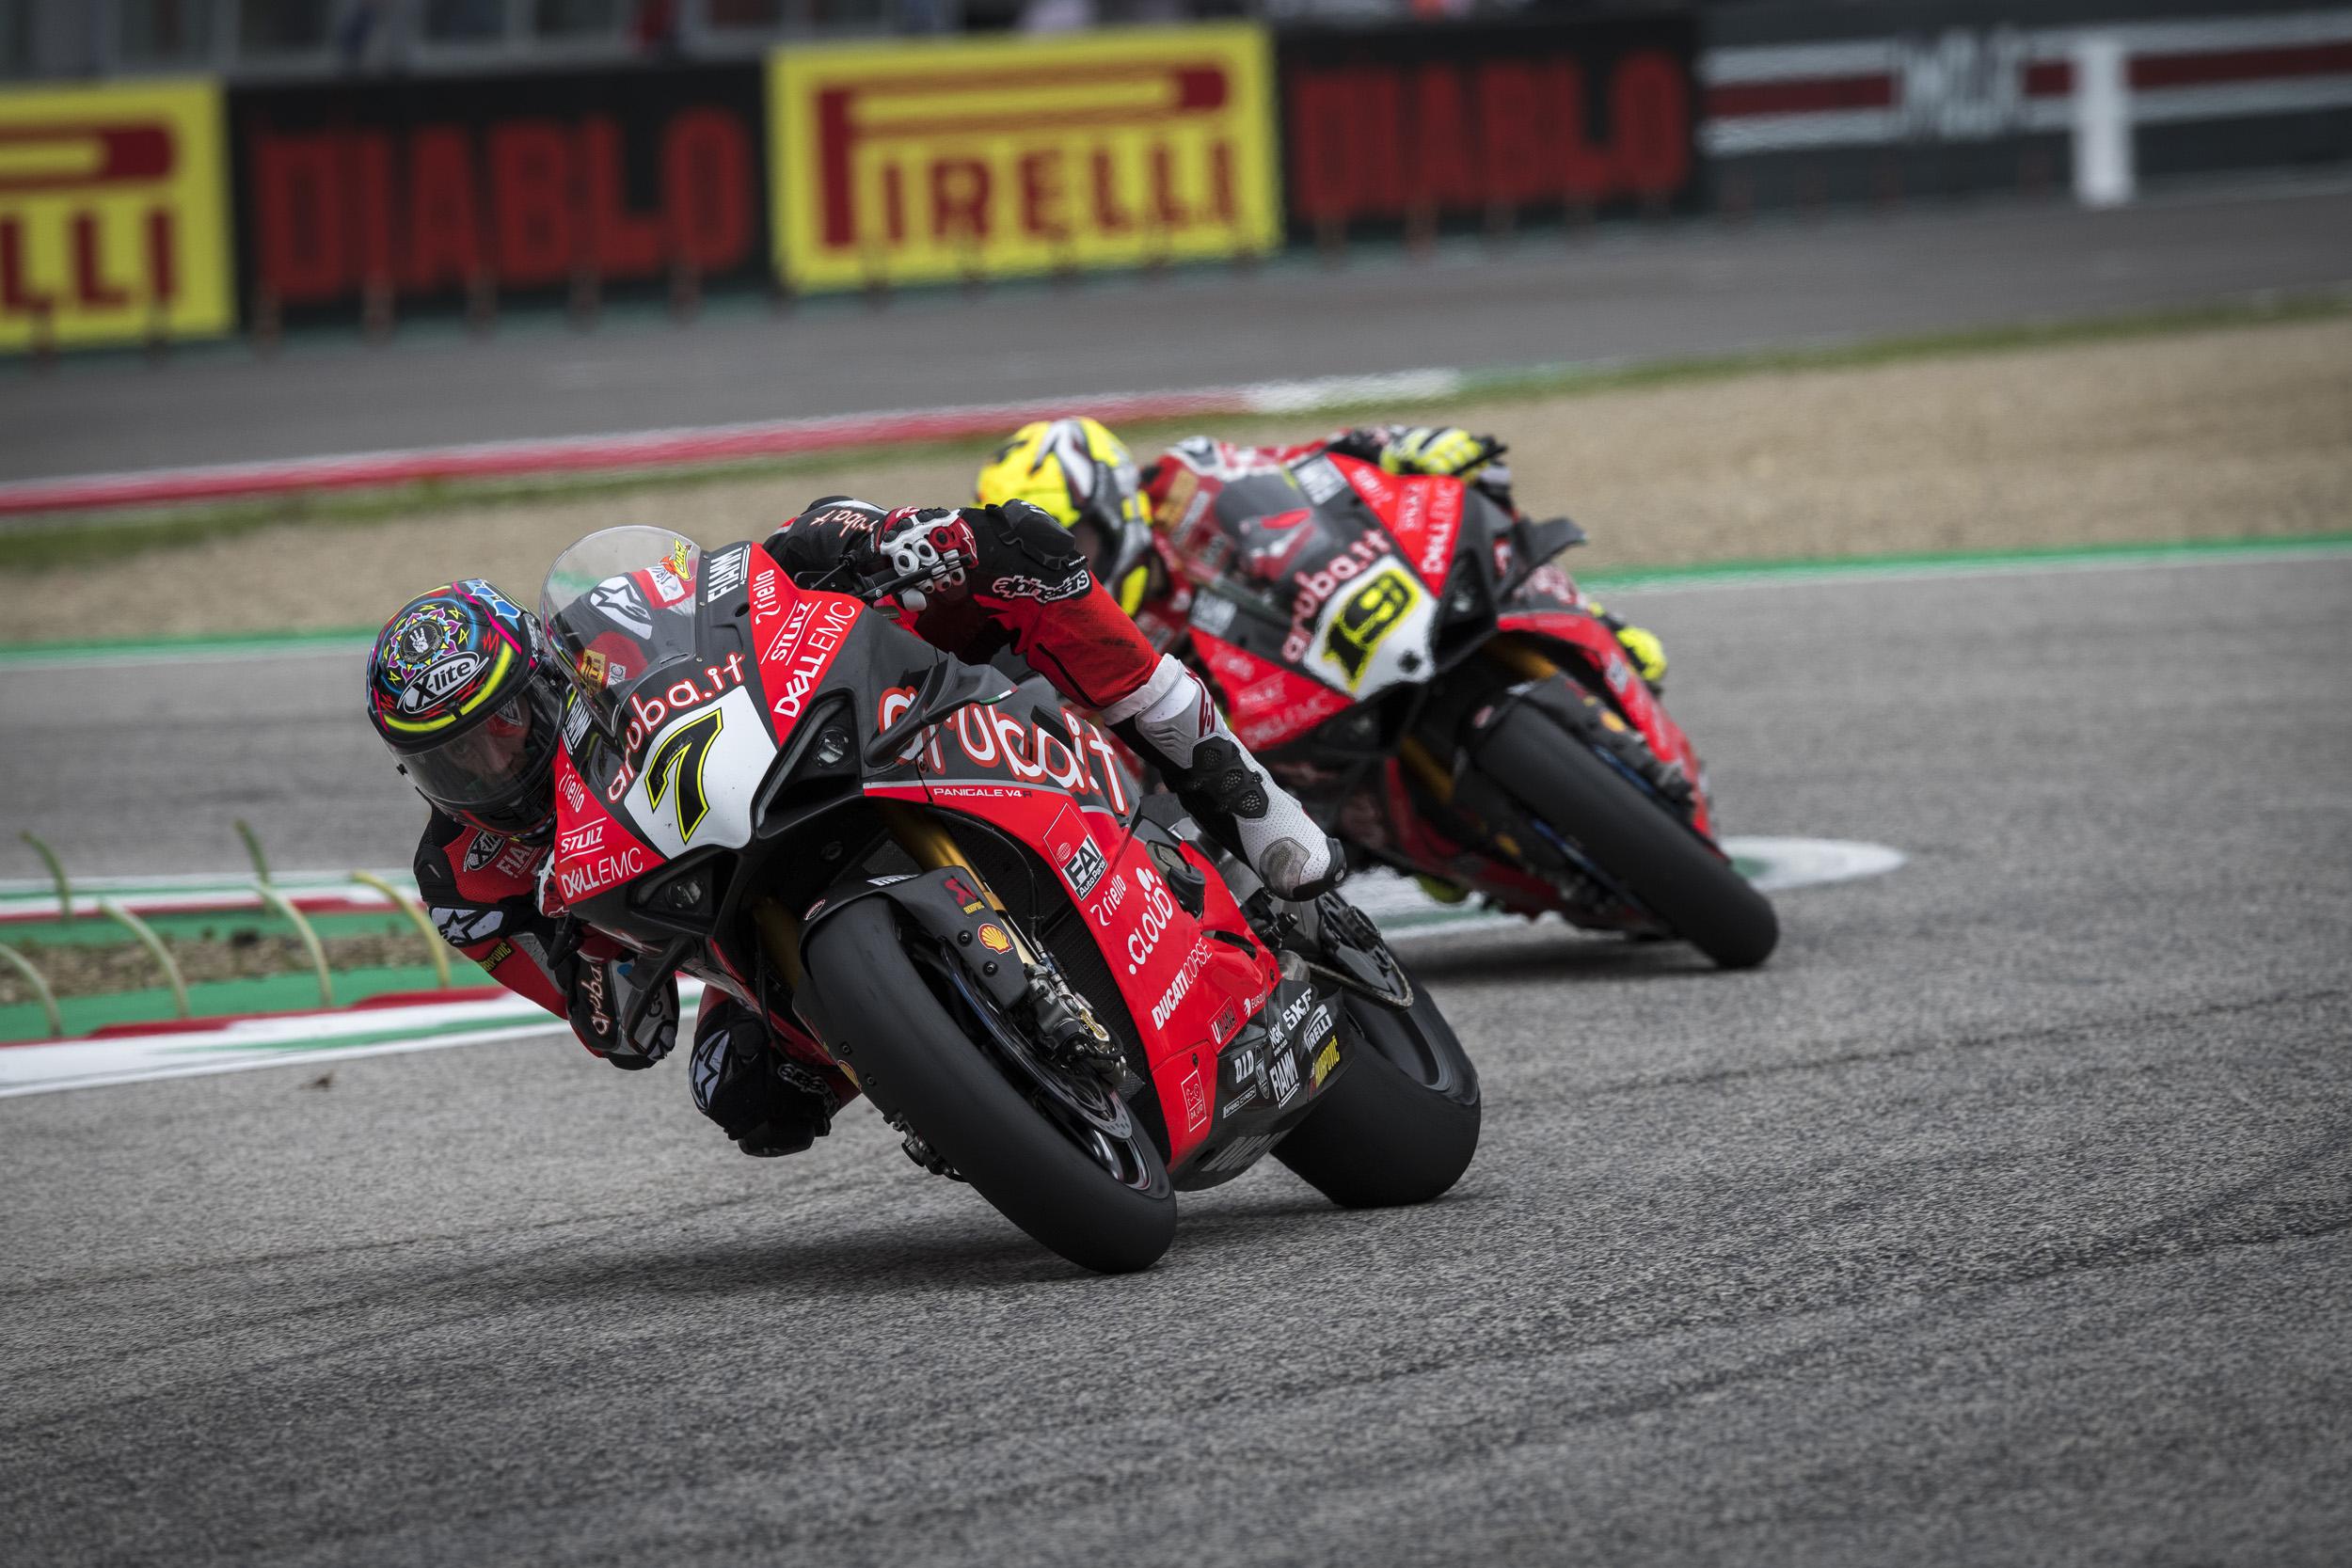 Ducati - Chaz Davies